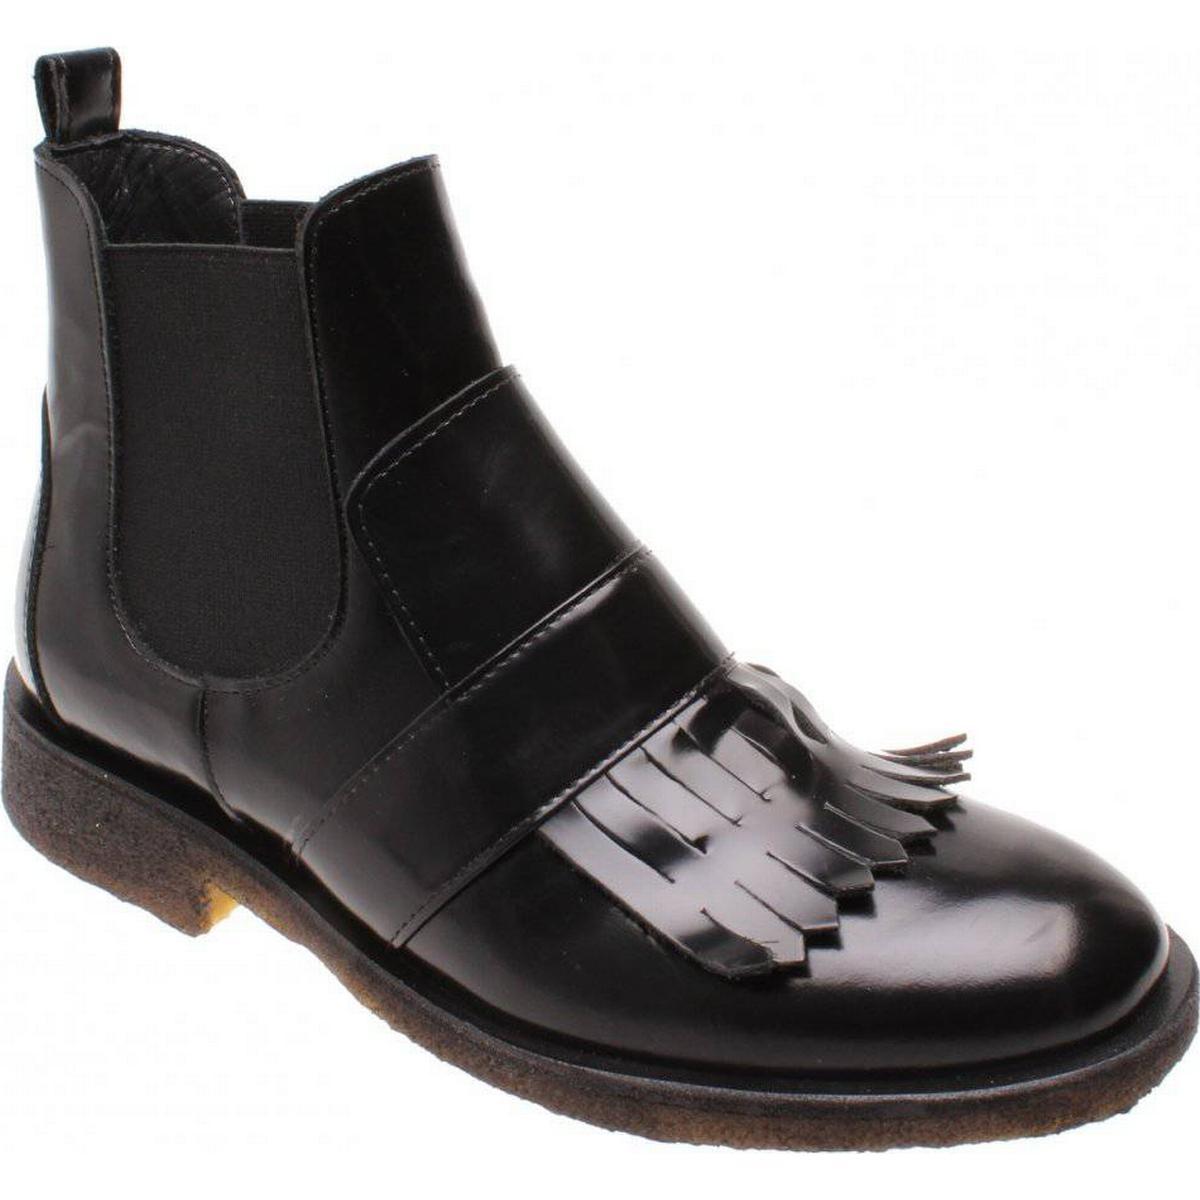 23b42d484b9c Blokhæl - Chelsea støvler - Sammenlign priser hos PriceRunner